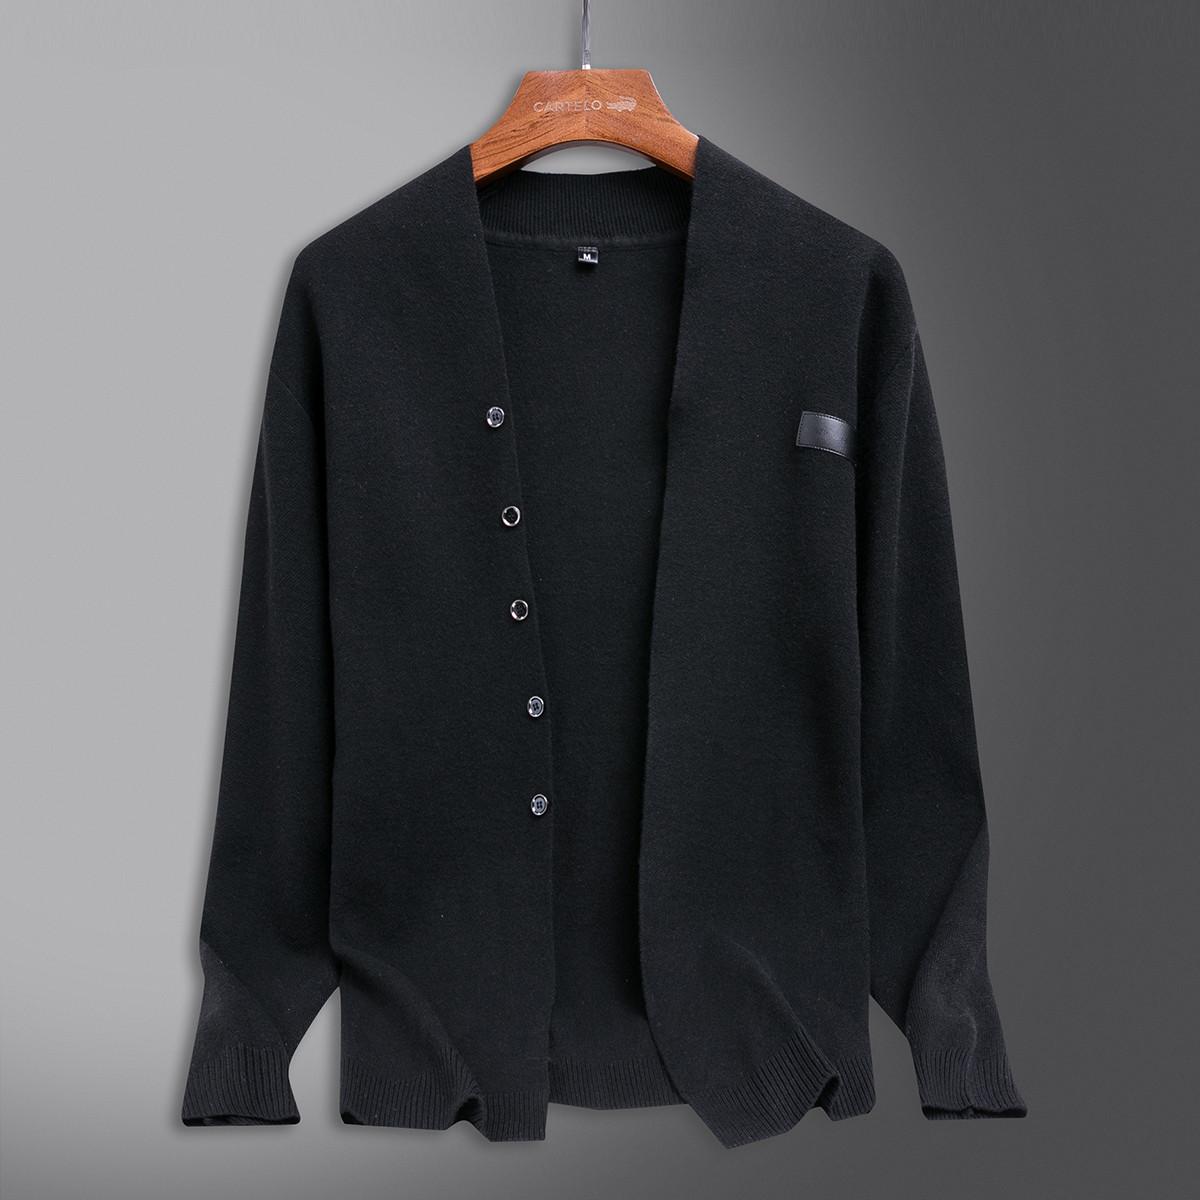 男士毛衣秋冬新款休闲百搭舒适纯色男式针织开衫外套